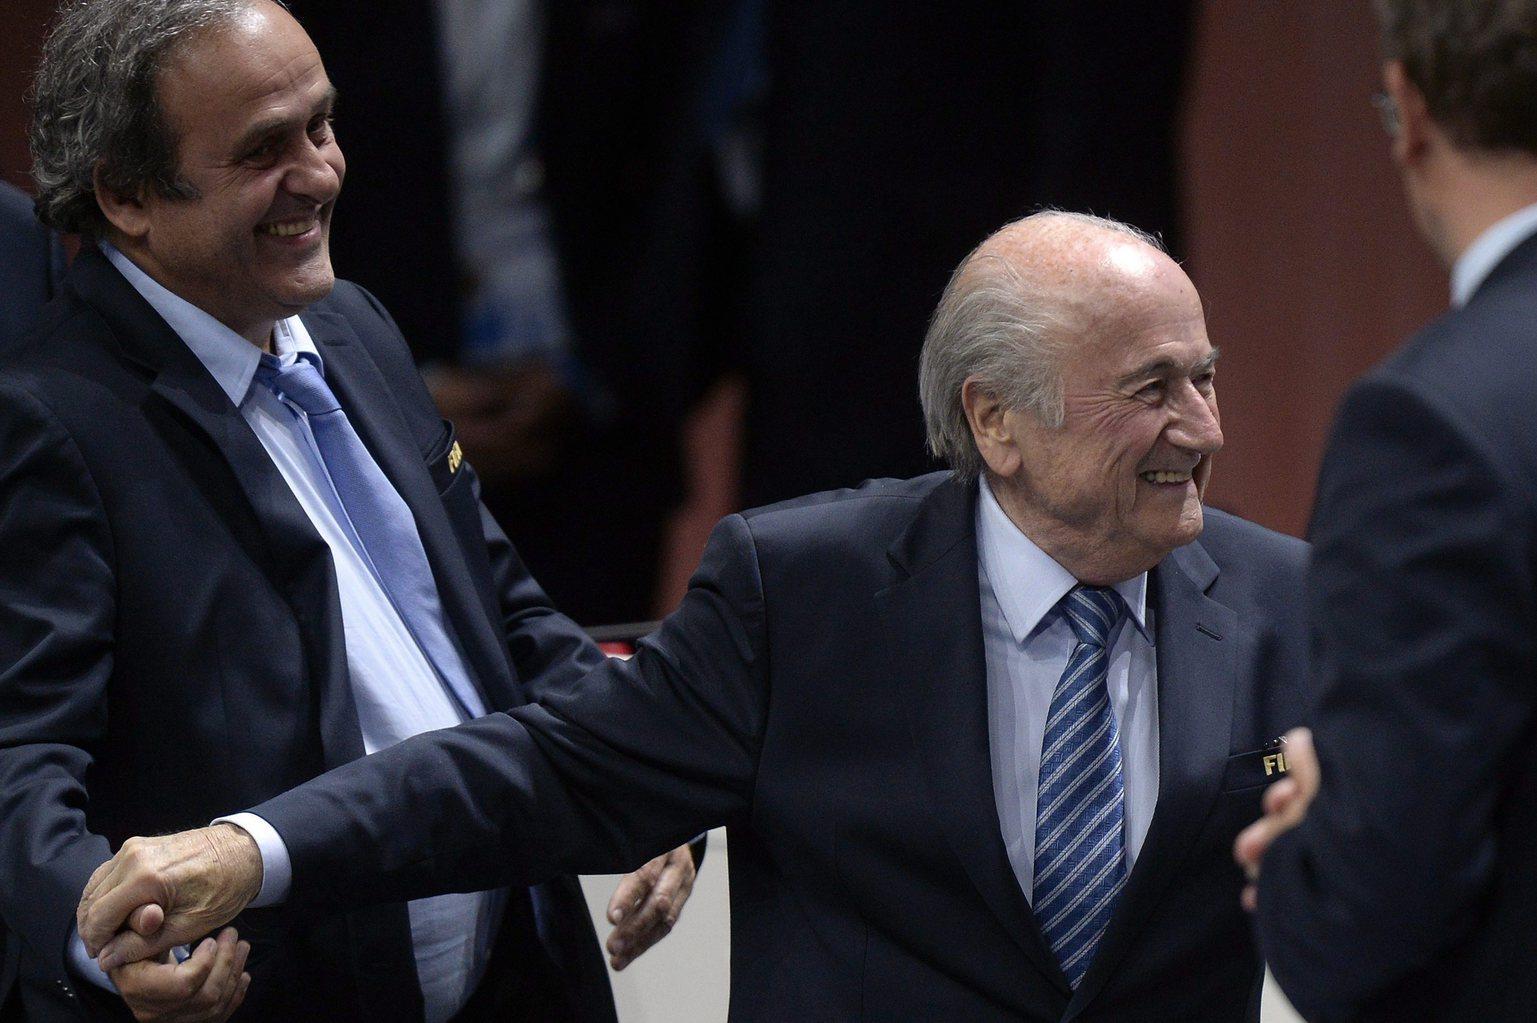 Joseph Blatter, a Nemzetközi Labdarúgó-szövetség (FIFA) elnöke (k) ünnepli újraválasztását a FIFA tisztújító kongresszusának második napján, 2015. május 29-én Zürichben. Joseph Blattert újabb négy évre elnöknek választották, miután egyetlen kihívója, Ali bin al-Husszein jordániai herceg visszalépett az elnökválasztás második fordulója előtt. Balról Michel Platini, az Európai Labdarúgó Szövetség (UEFA) elnöke. (MTI/EPA/Walter Bieri)